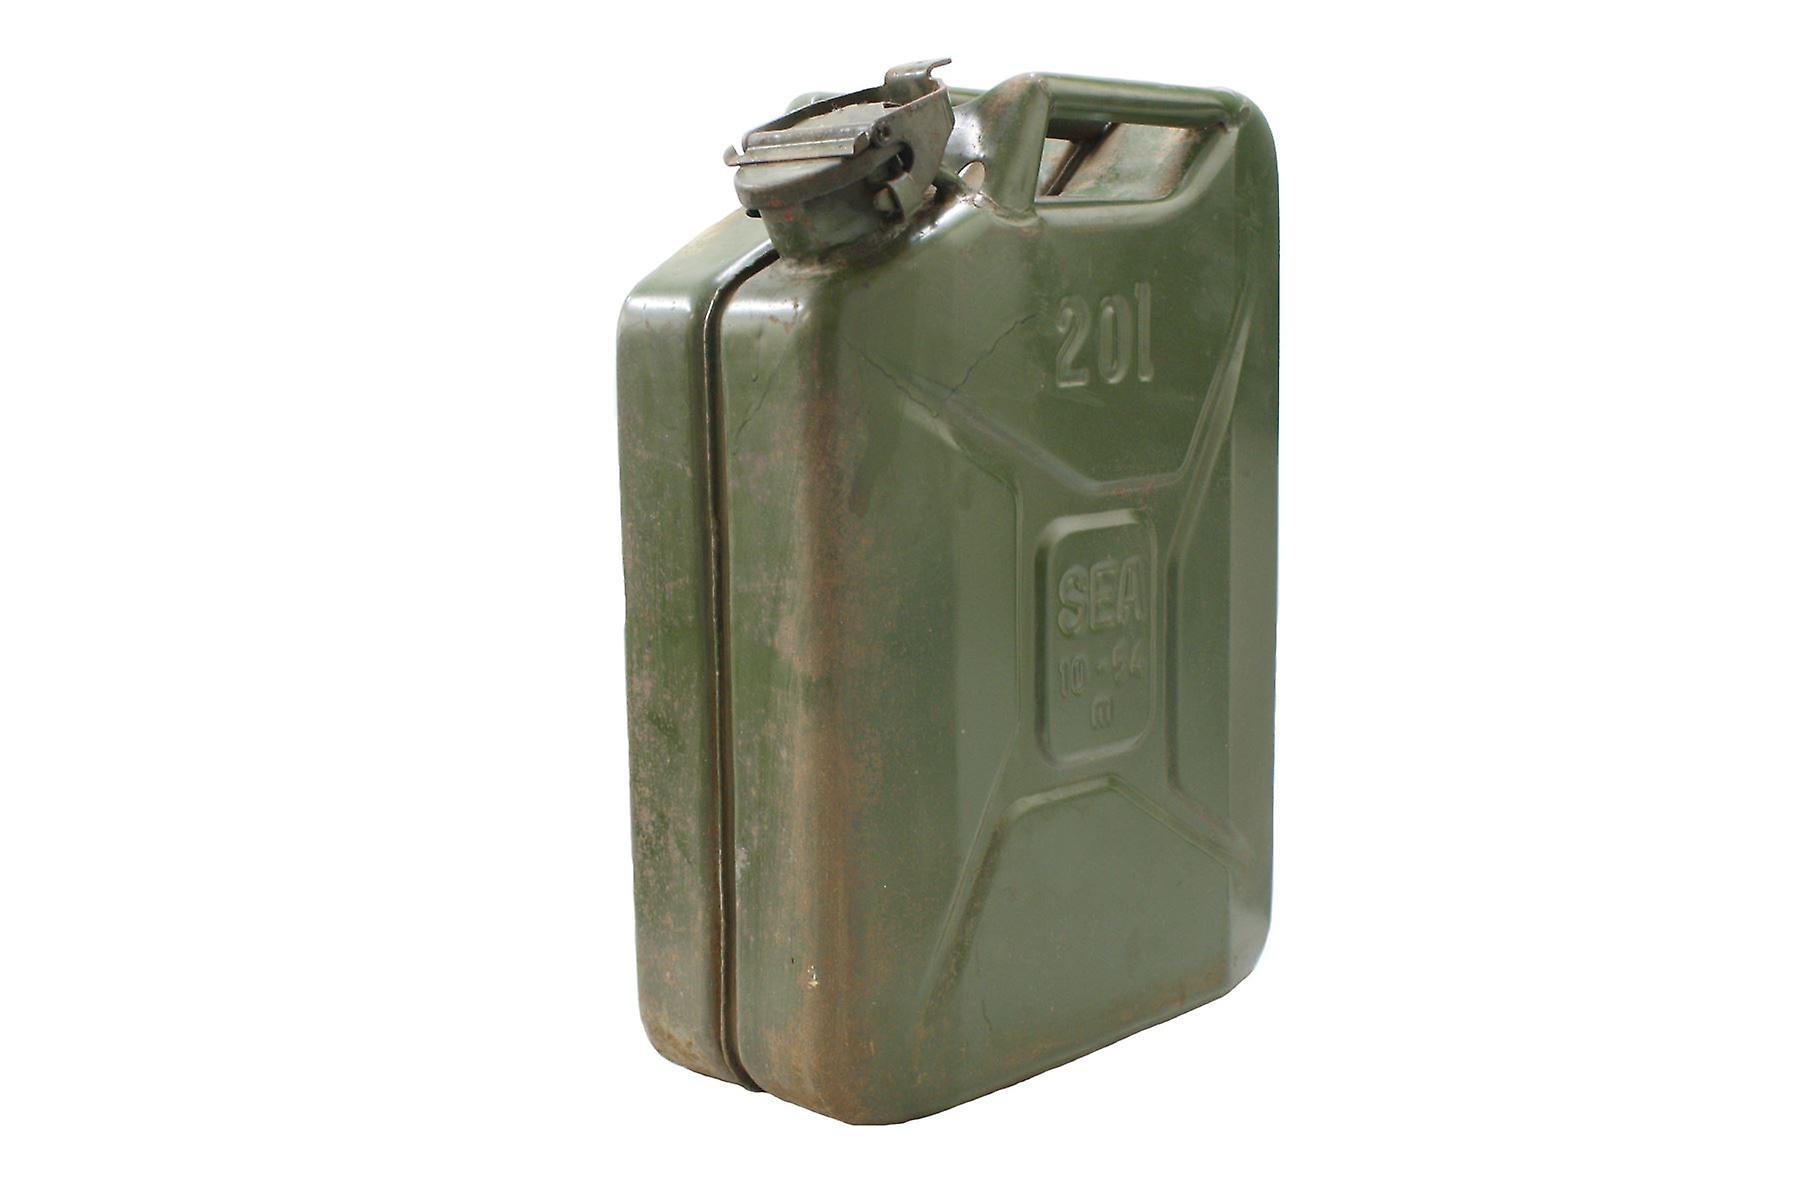 vintage military jerry can 20l petrol storage fruugo. Black Bedroom Furniture Sets. Home Design Ideas